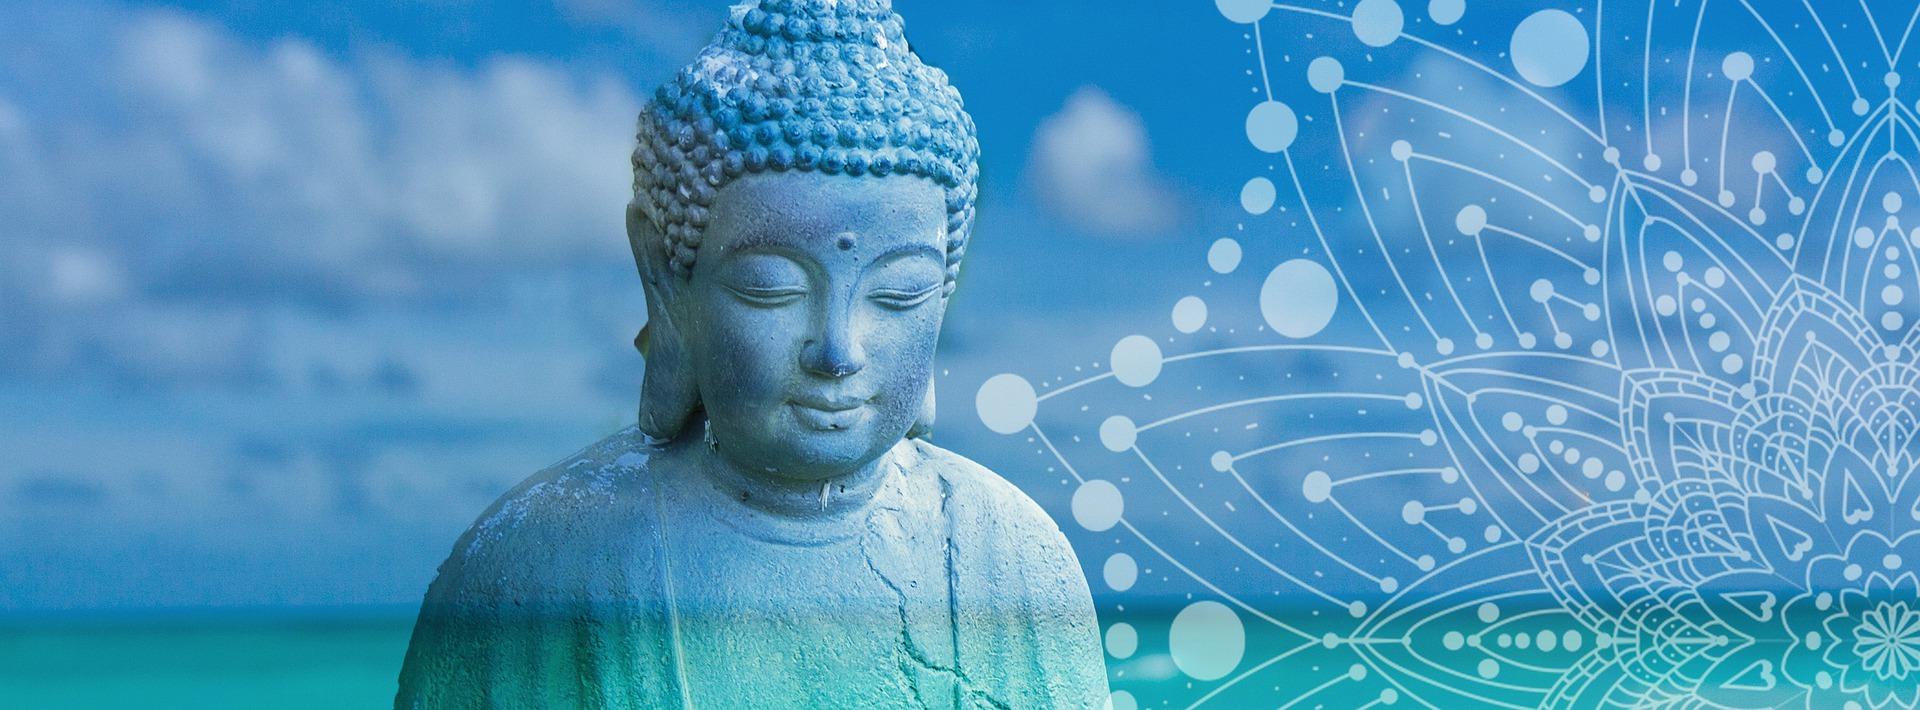 Buddha és a sértegetők